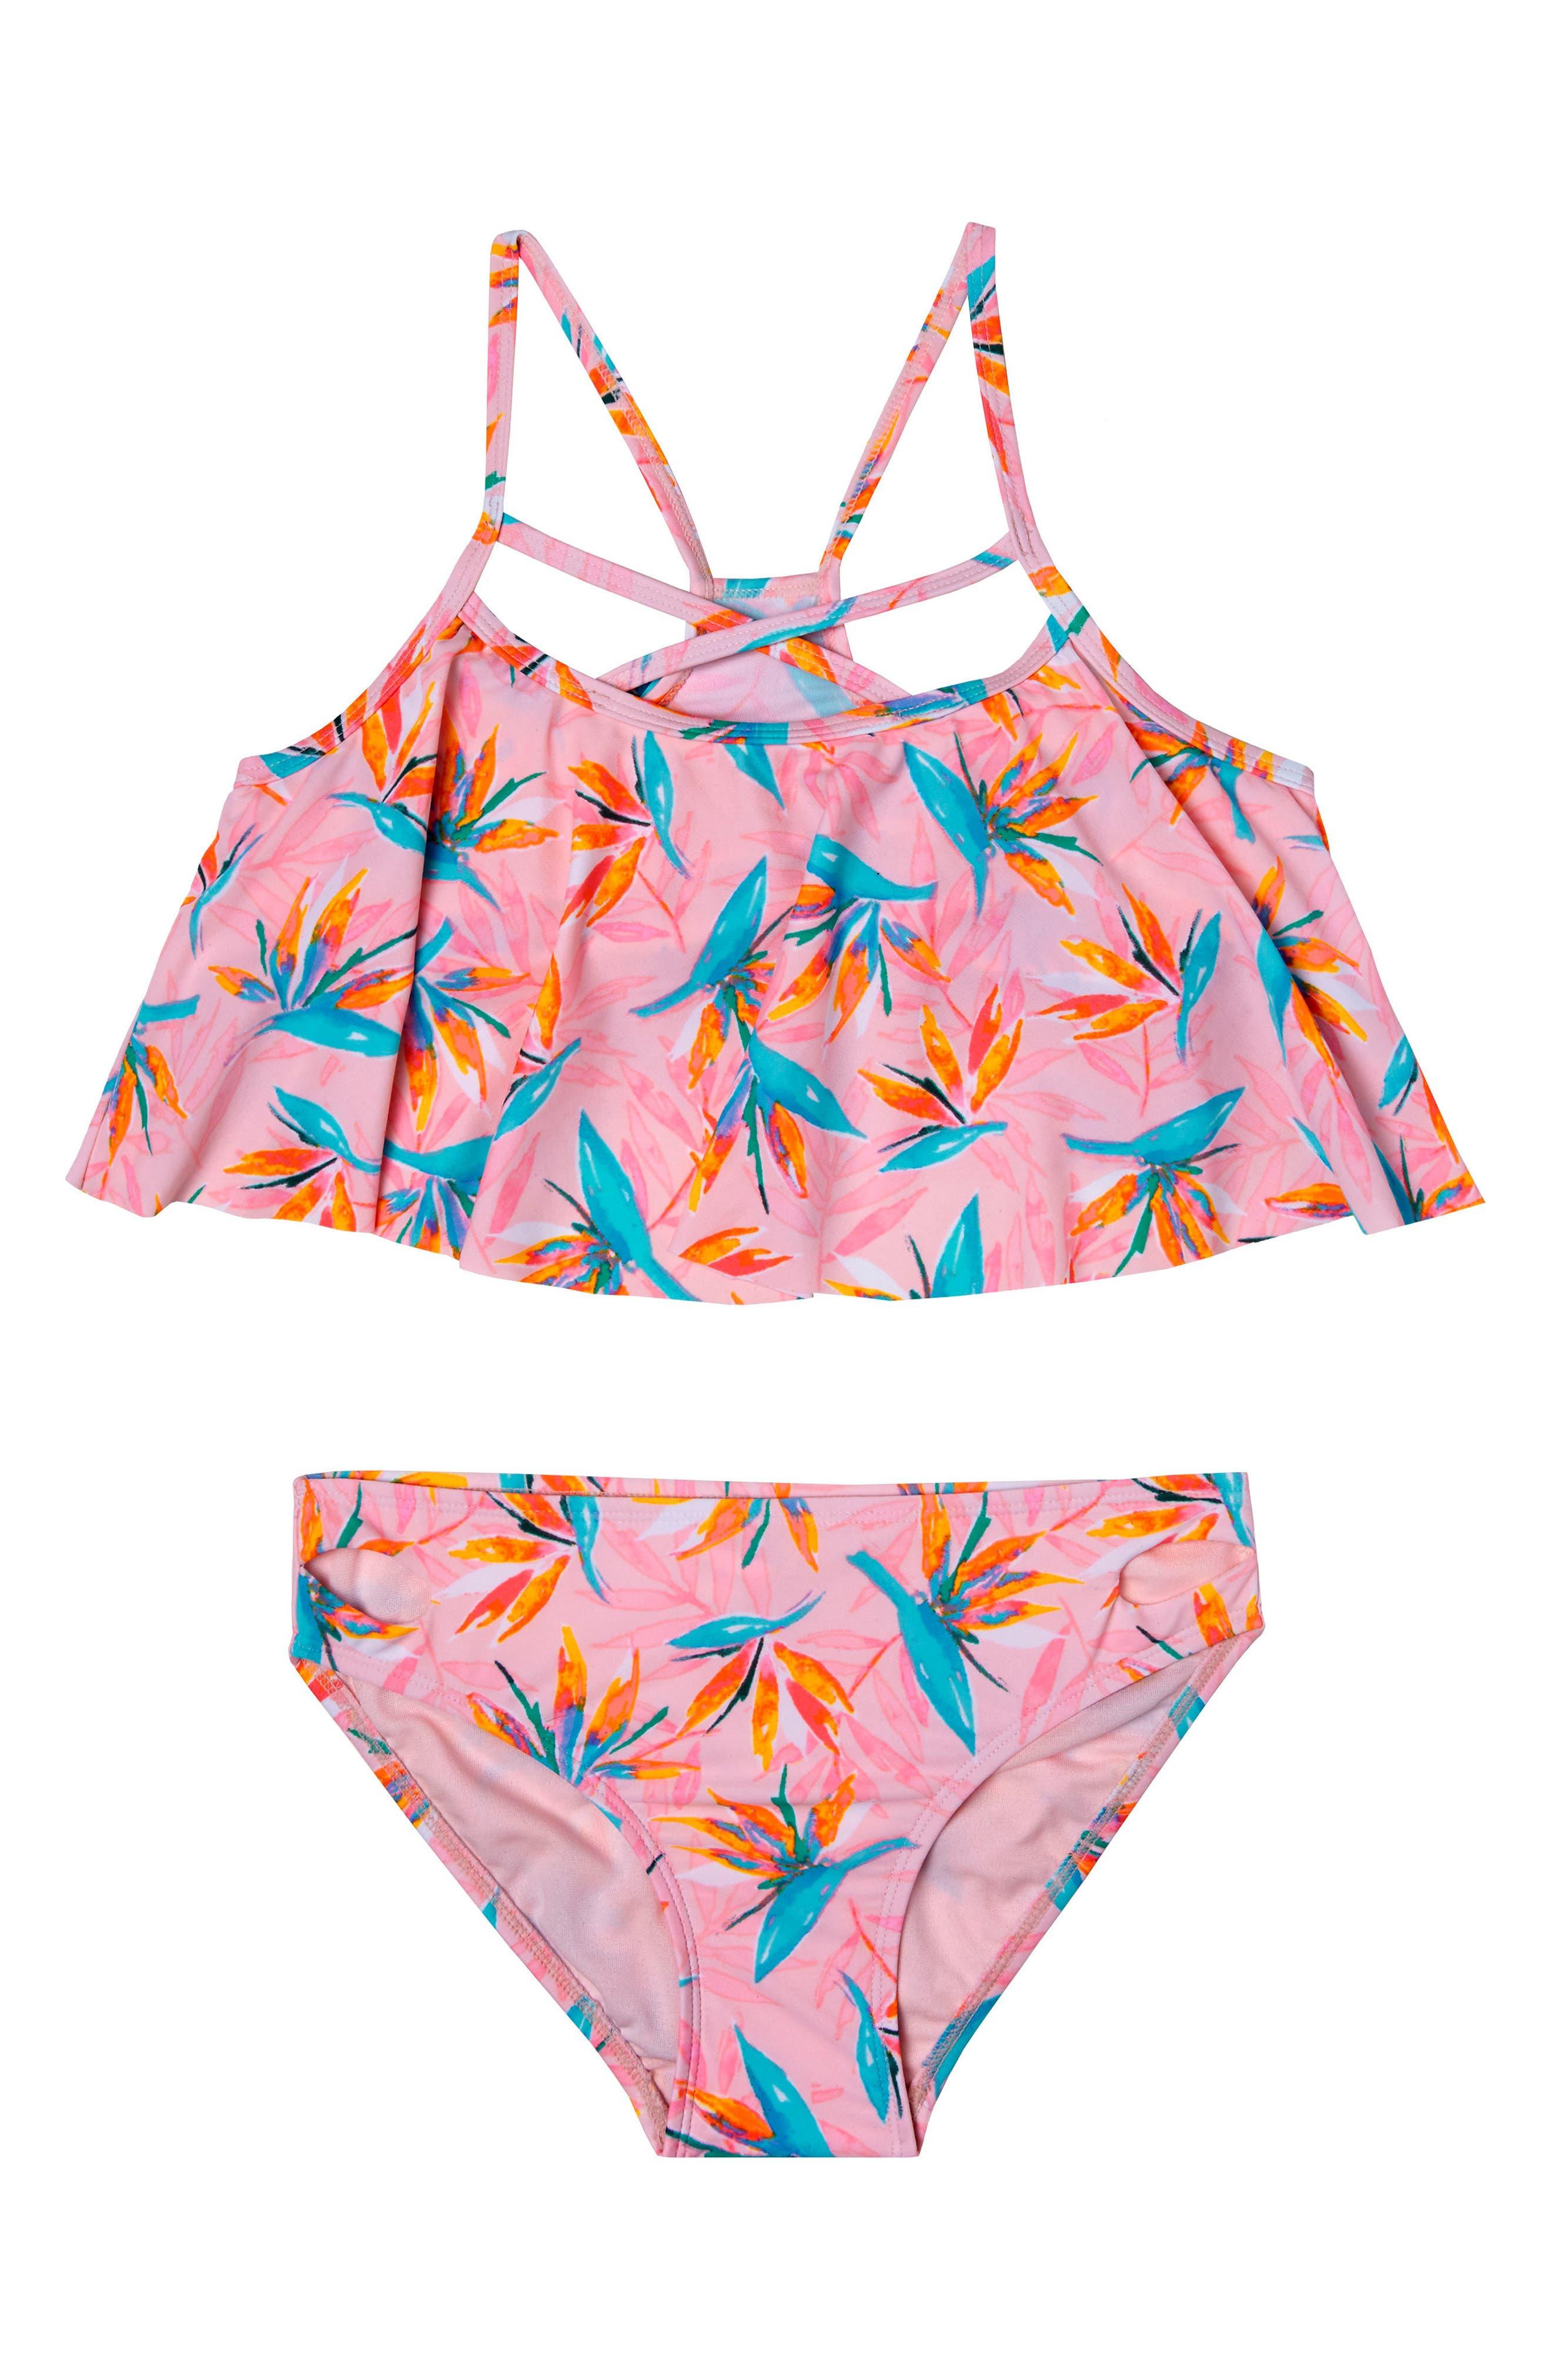 Paradise Haven Two-Piece Swimsuit,                             Main thumbnail 1, color,                             650